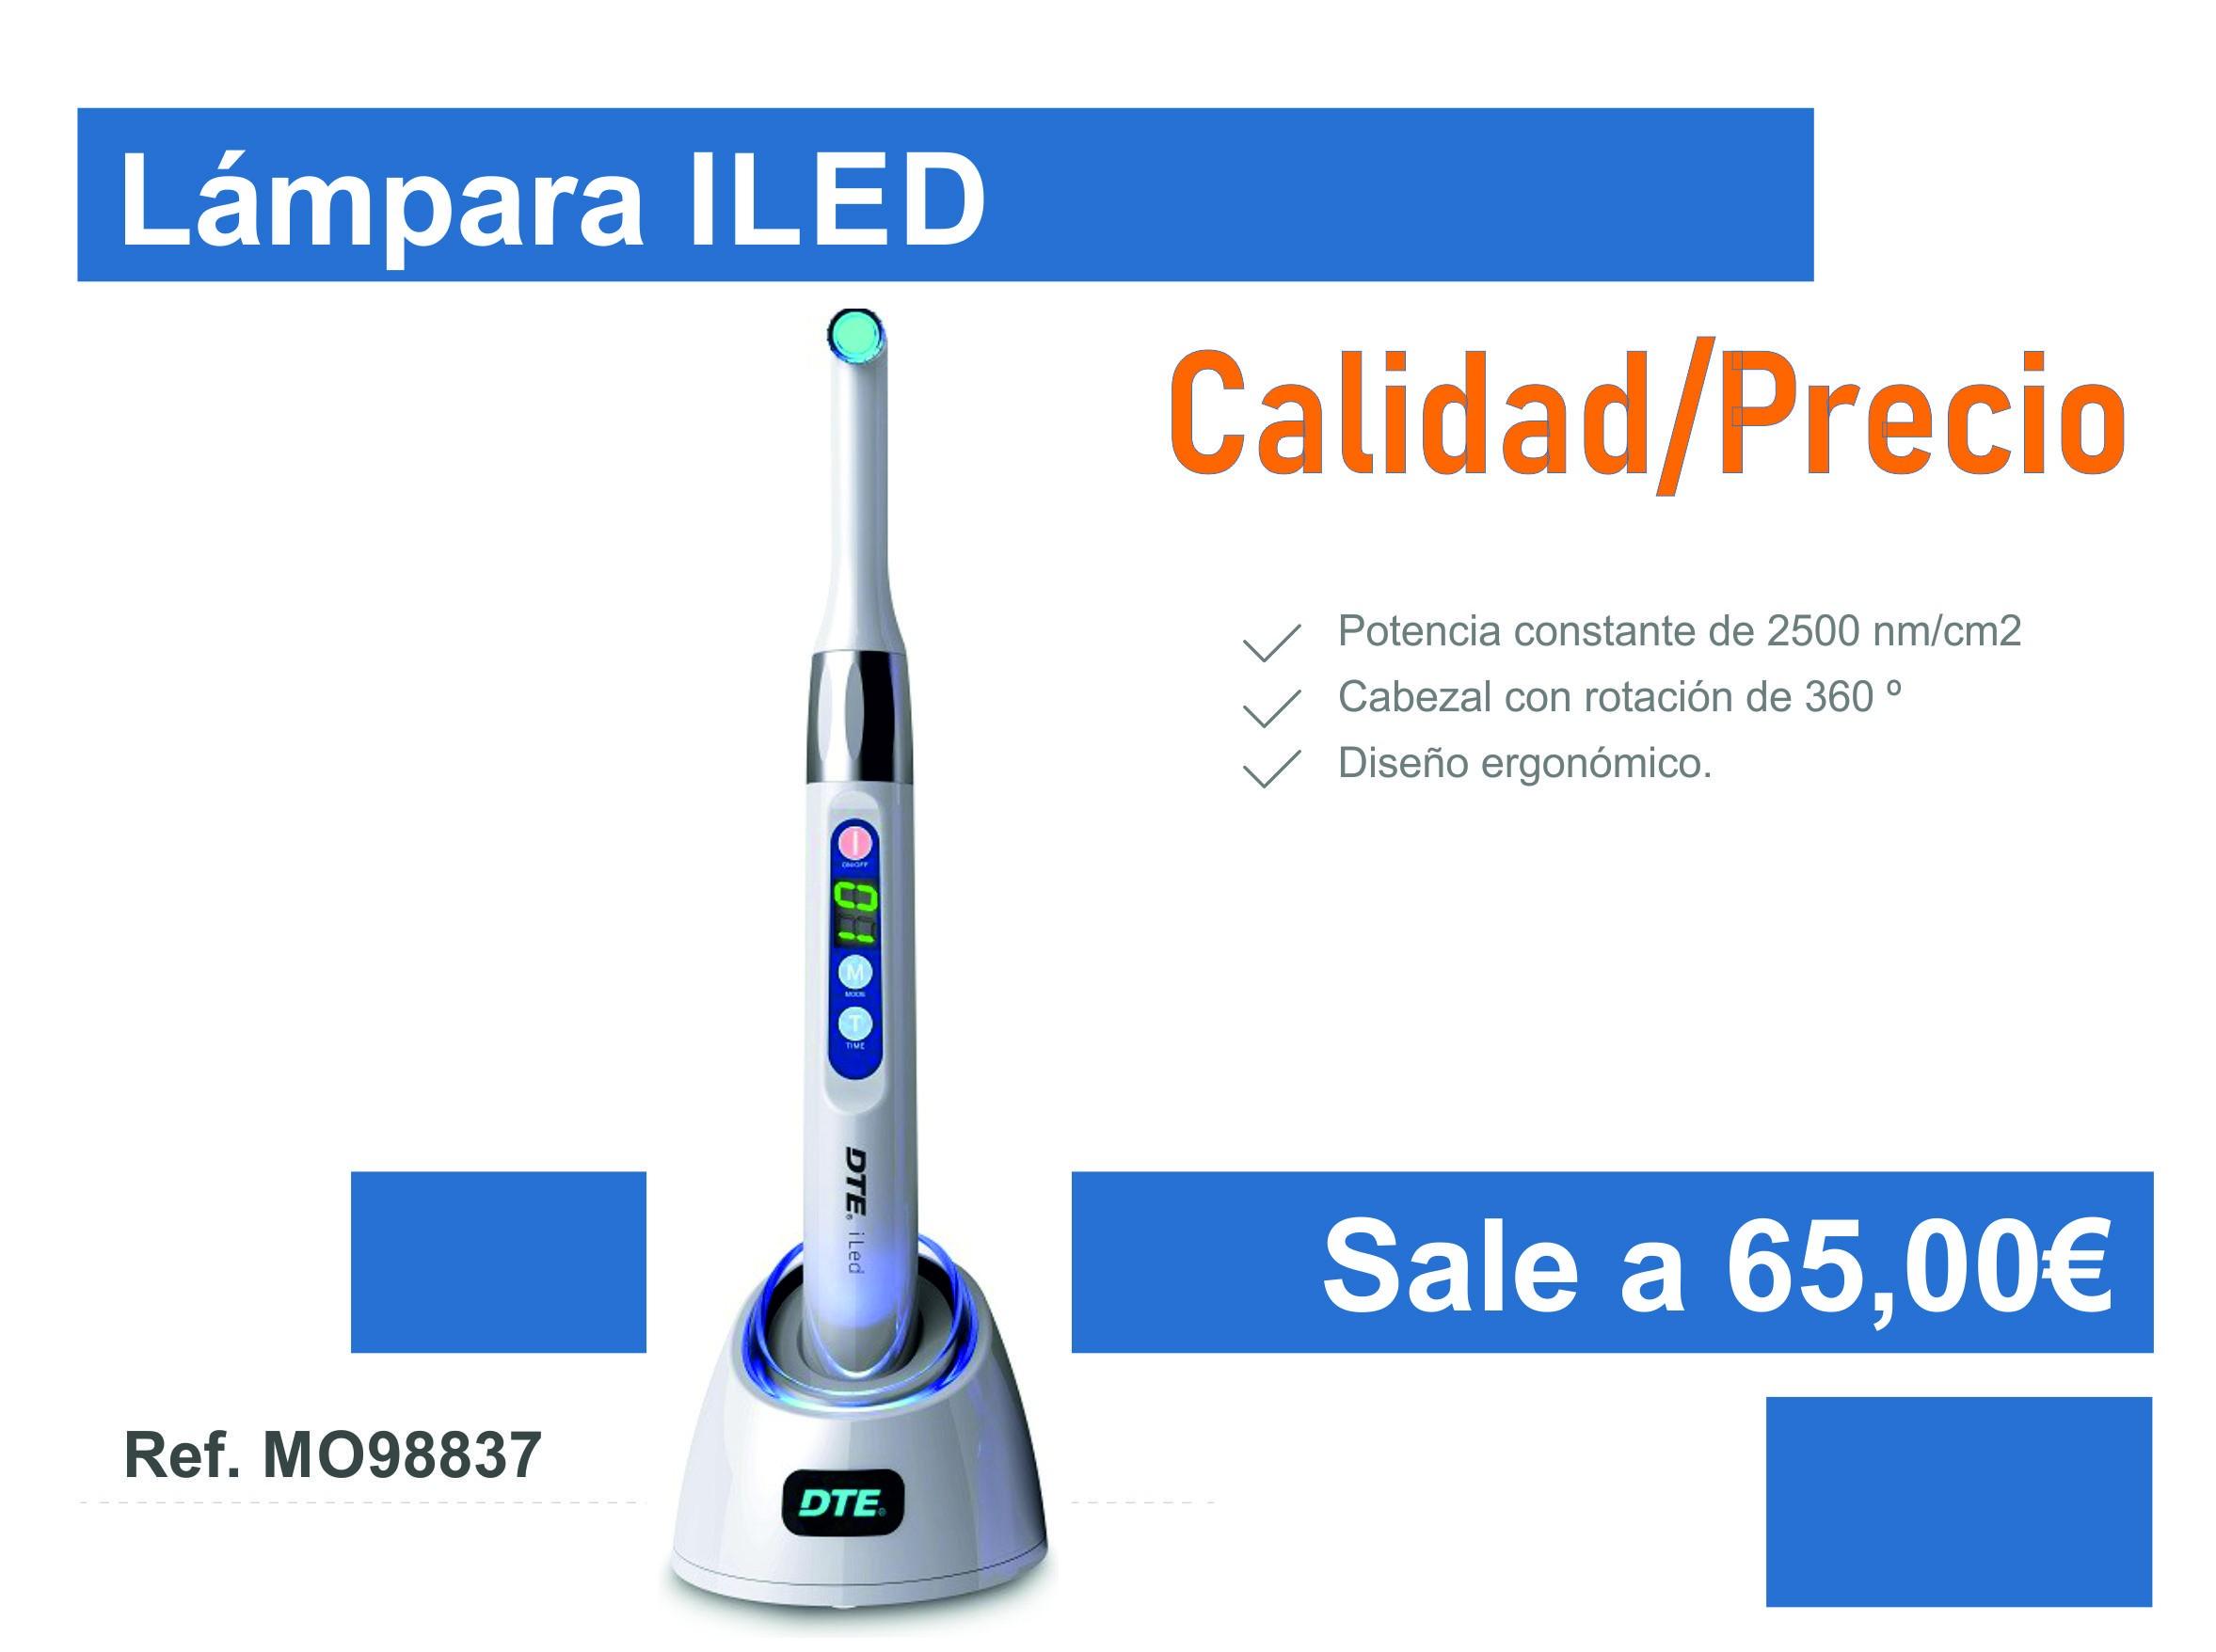 https://www.moldental.es/lampara-de-polimerizar-iled-woodpecker.html